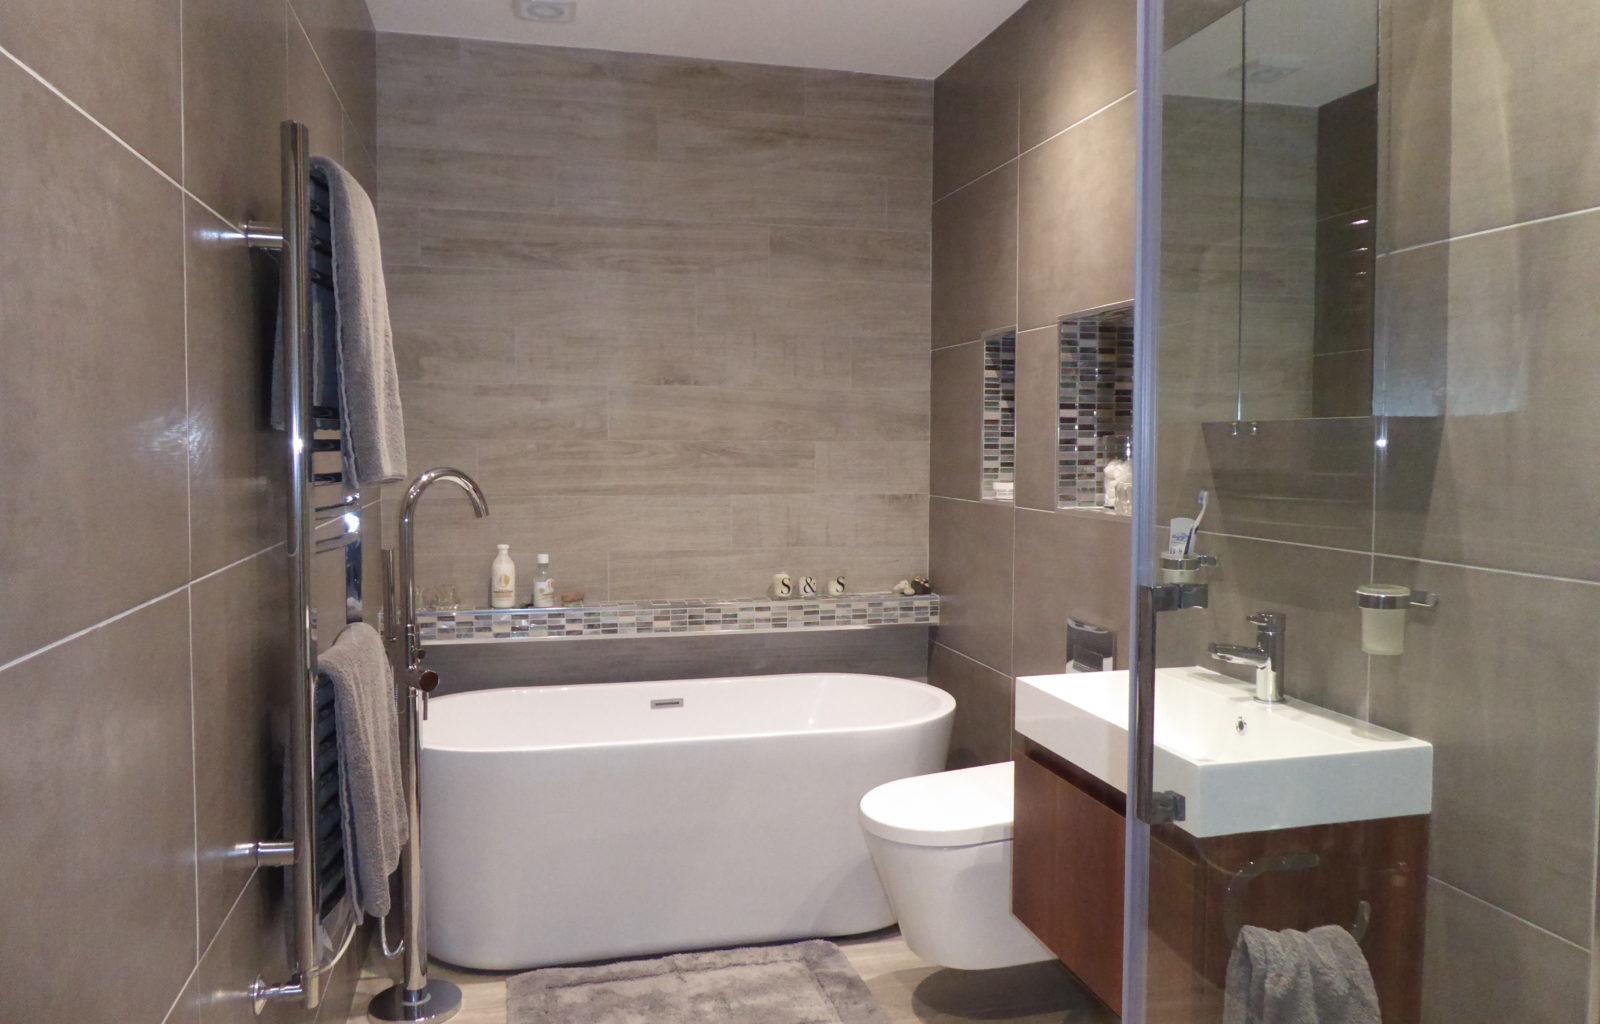 Ensuite, walnut, luxury, mocha tiles